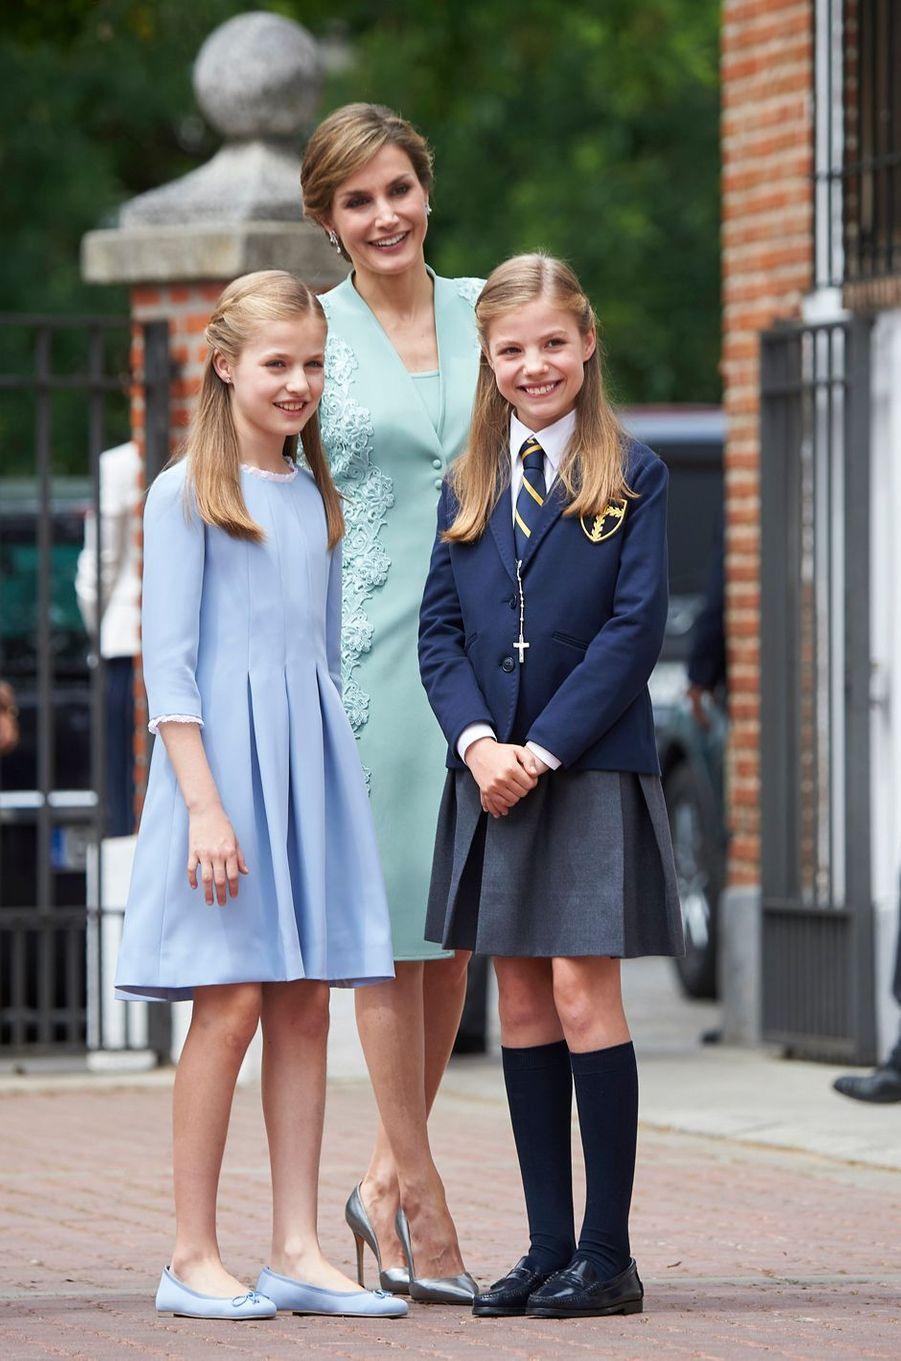 La reine Letizia d'Espagne avec ses filles les princesses Leonor et Sofia à Madrid, le 17 mai 2017